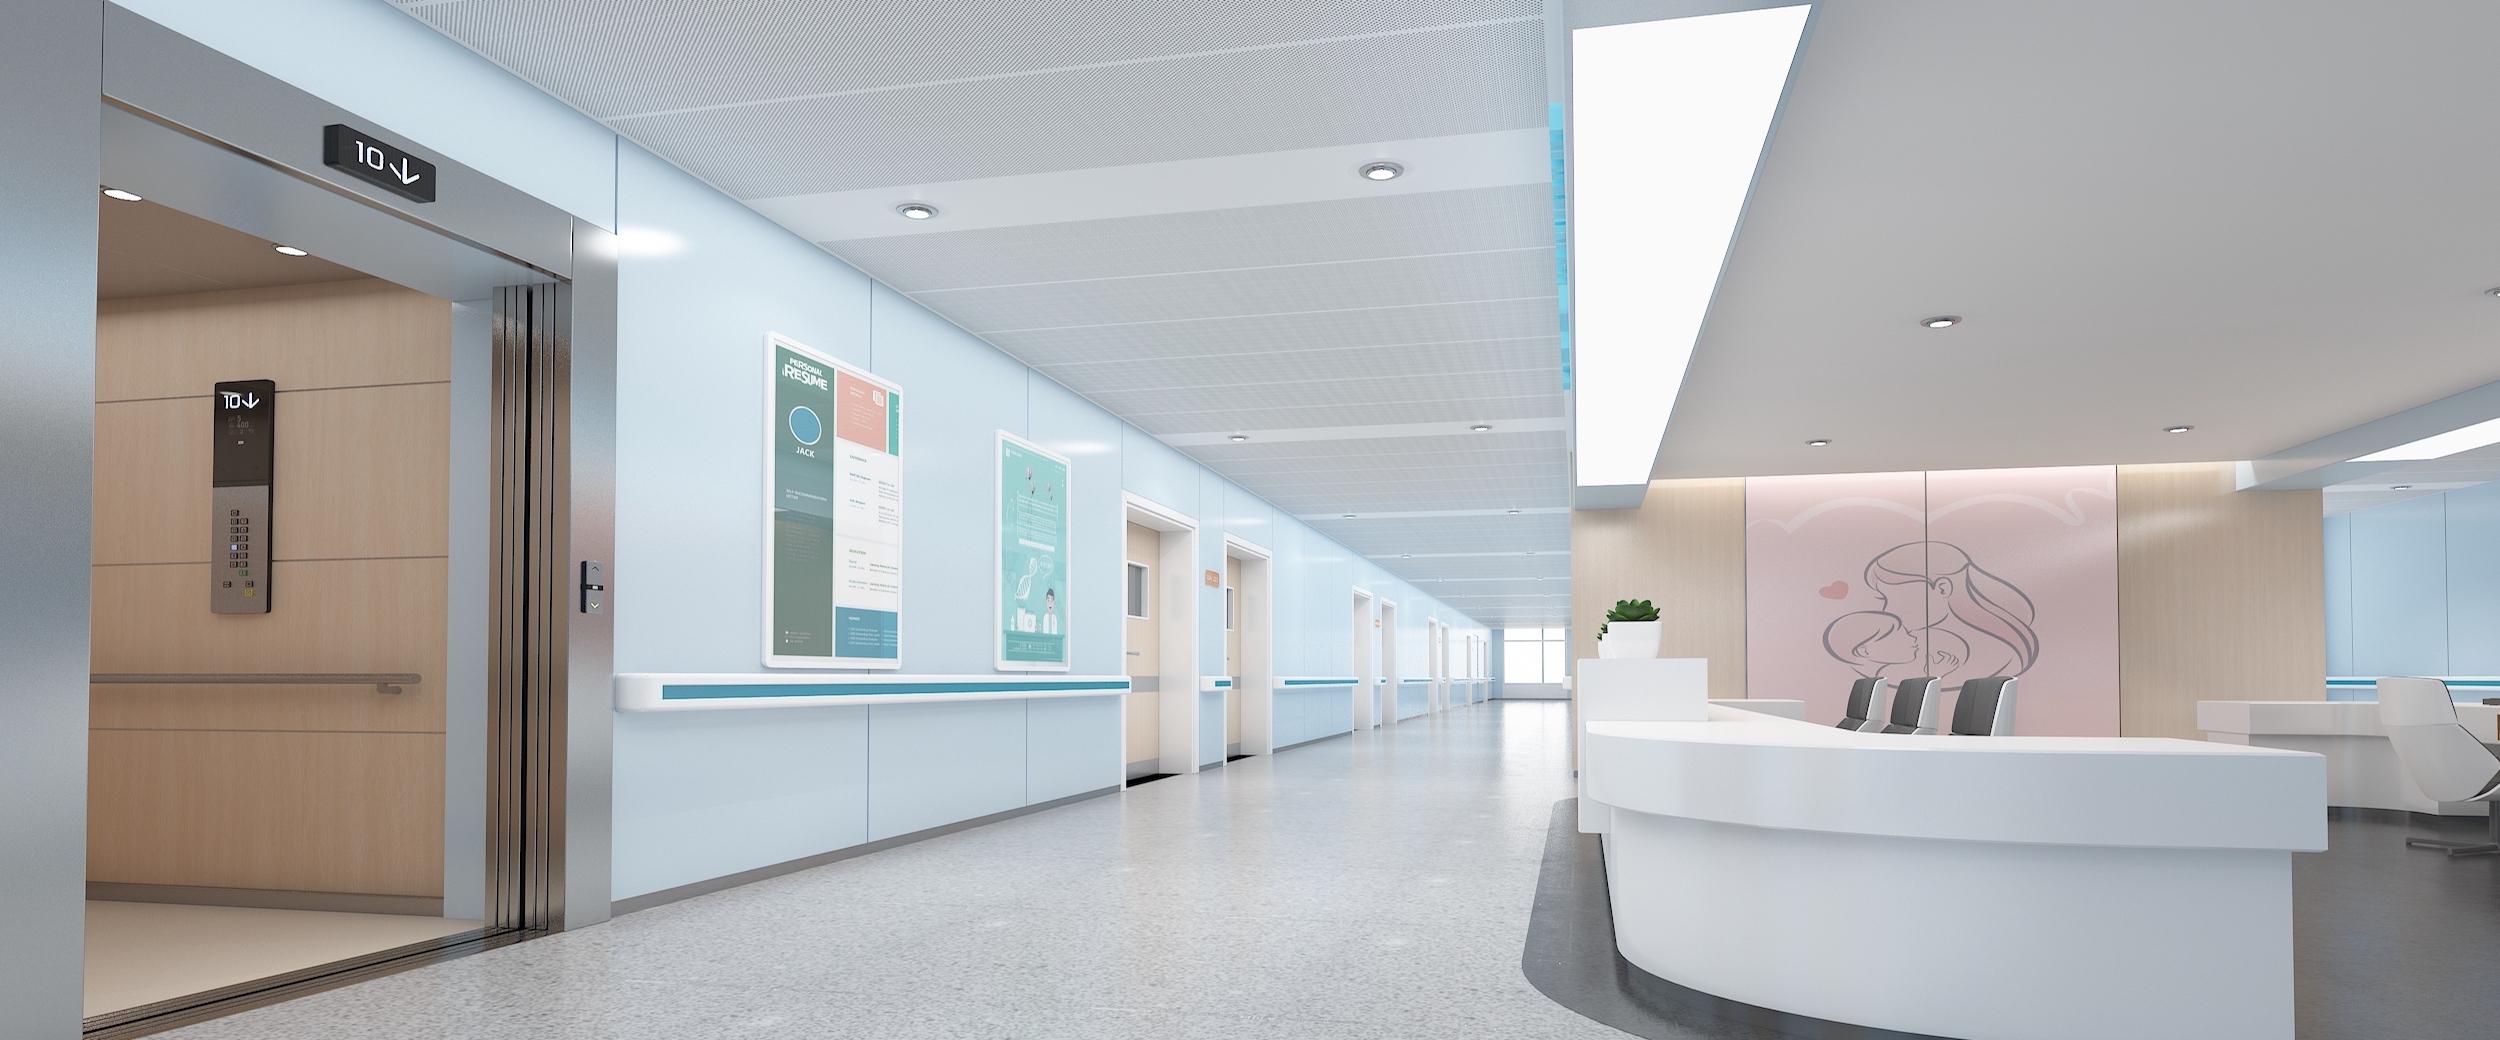 威盛亚医疗板医疗空间一体化解决方案